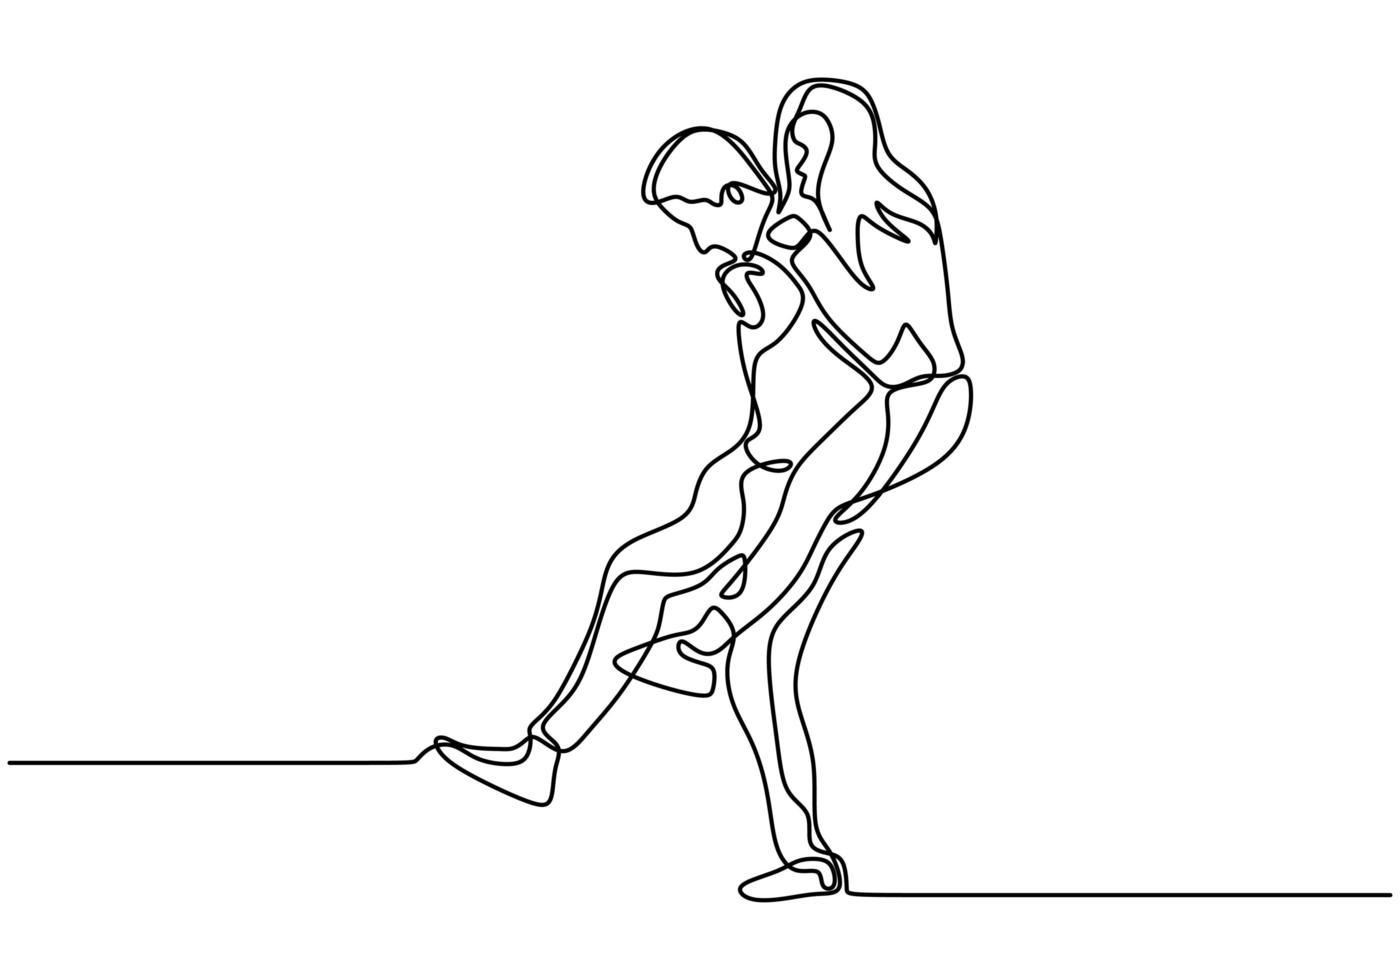 dessin au trait continu. couple romantique. conception de concept de thème amoureux. un minimalisme dessiné à la main. métaphore de l'illustration vectorielle amour, homme portant fille isolée sur fond blanc. vecteur